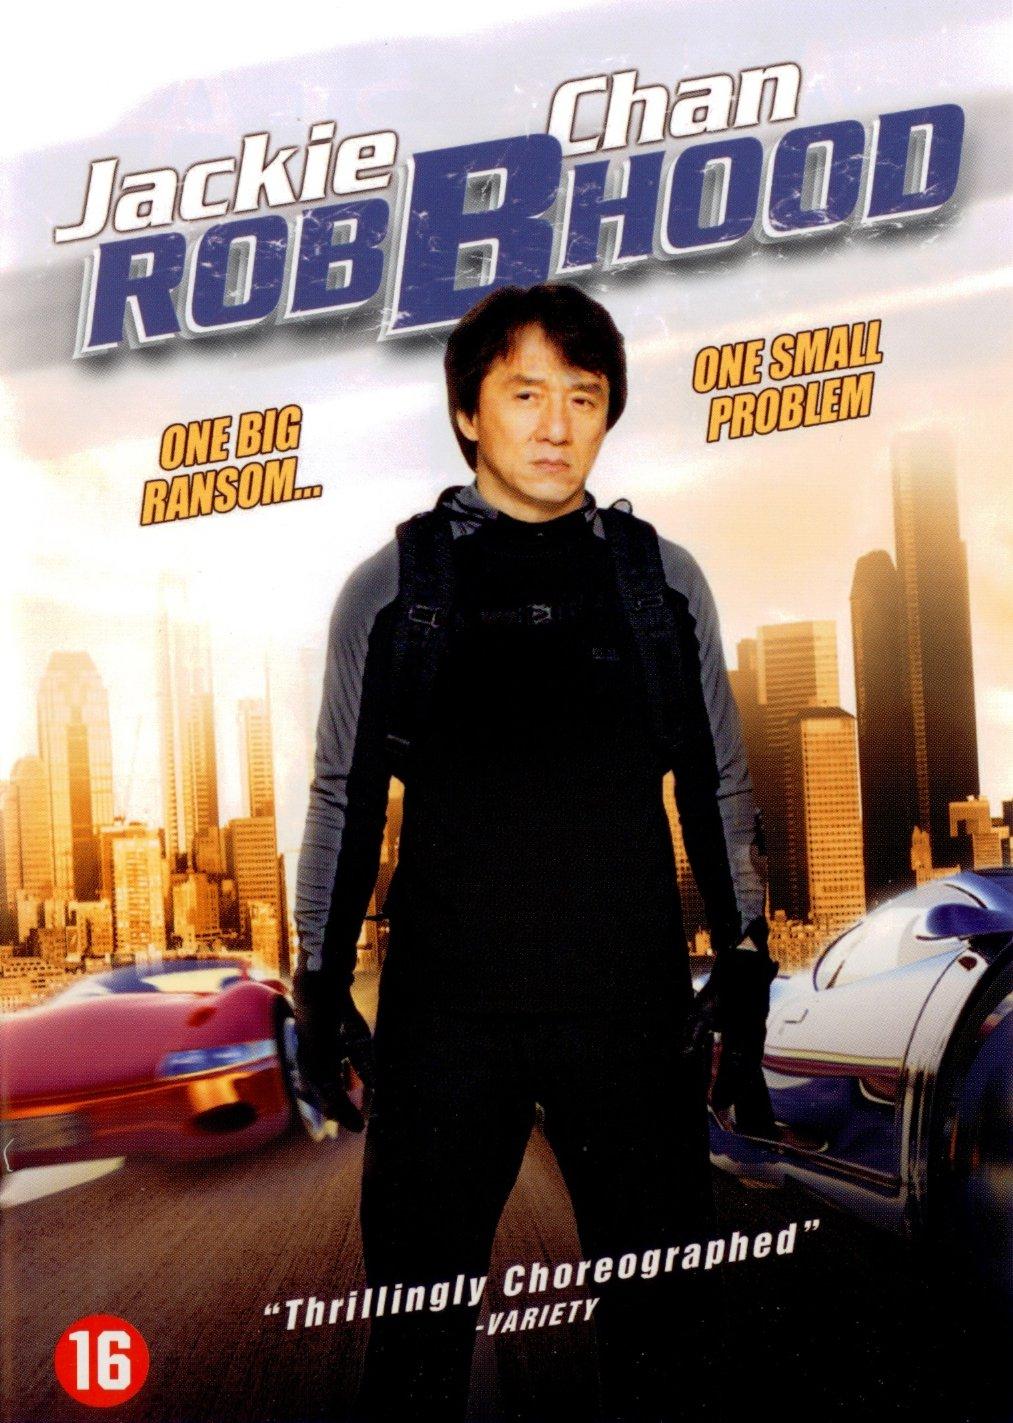 Robin-b-hood. Official uk trailer. Youtube.